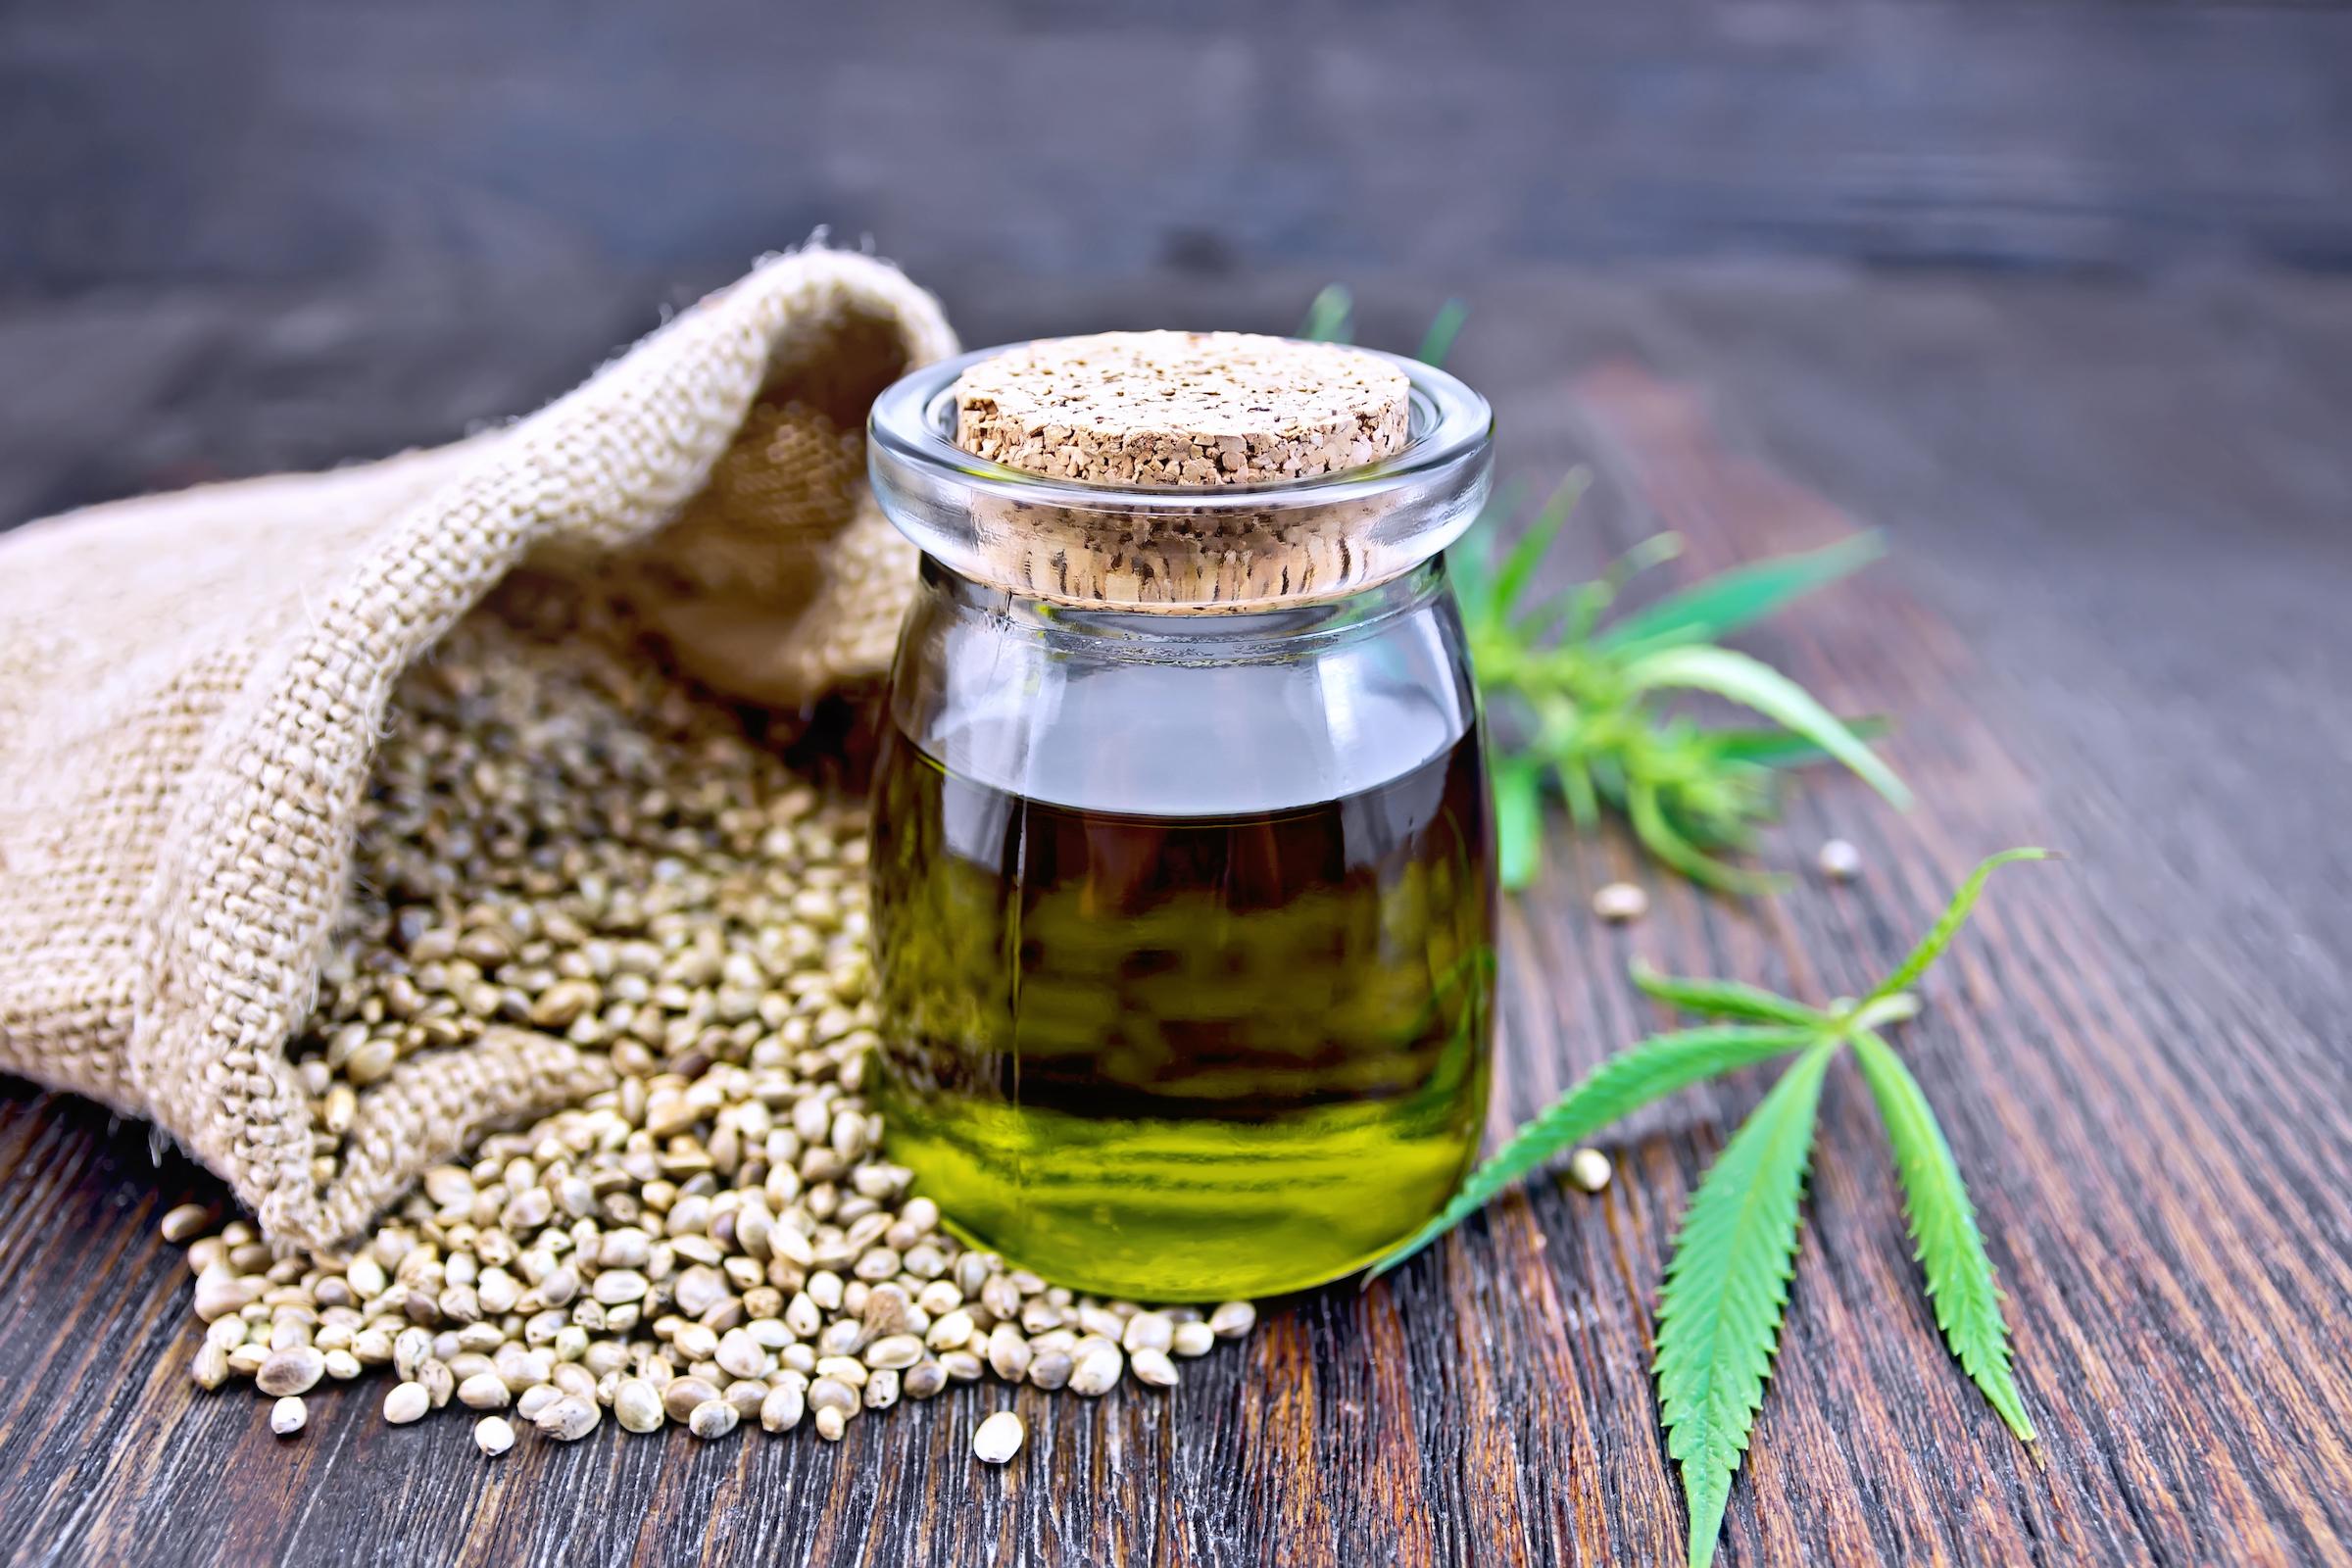 oil hemp in jar with seed in sack on board XJPFUNZ